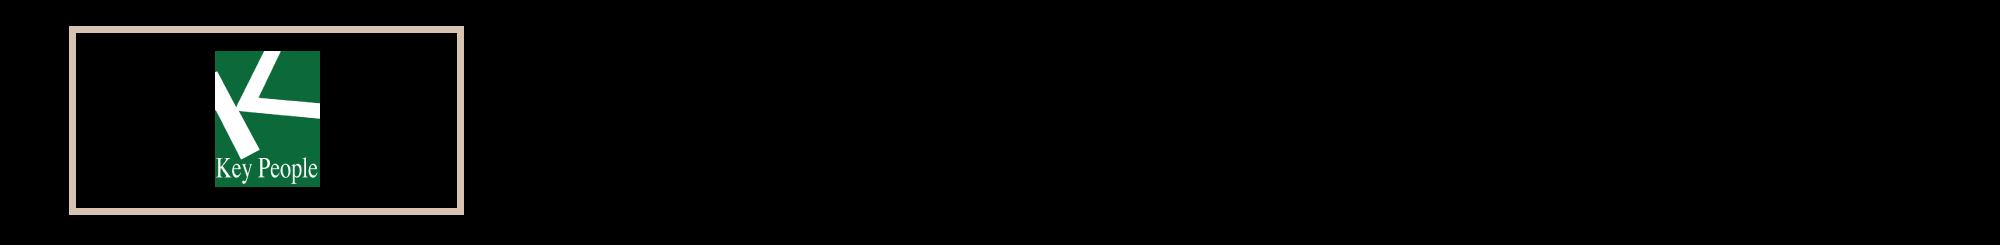 KeyPeople-EN